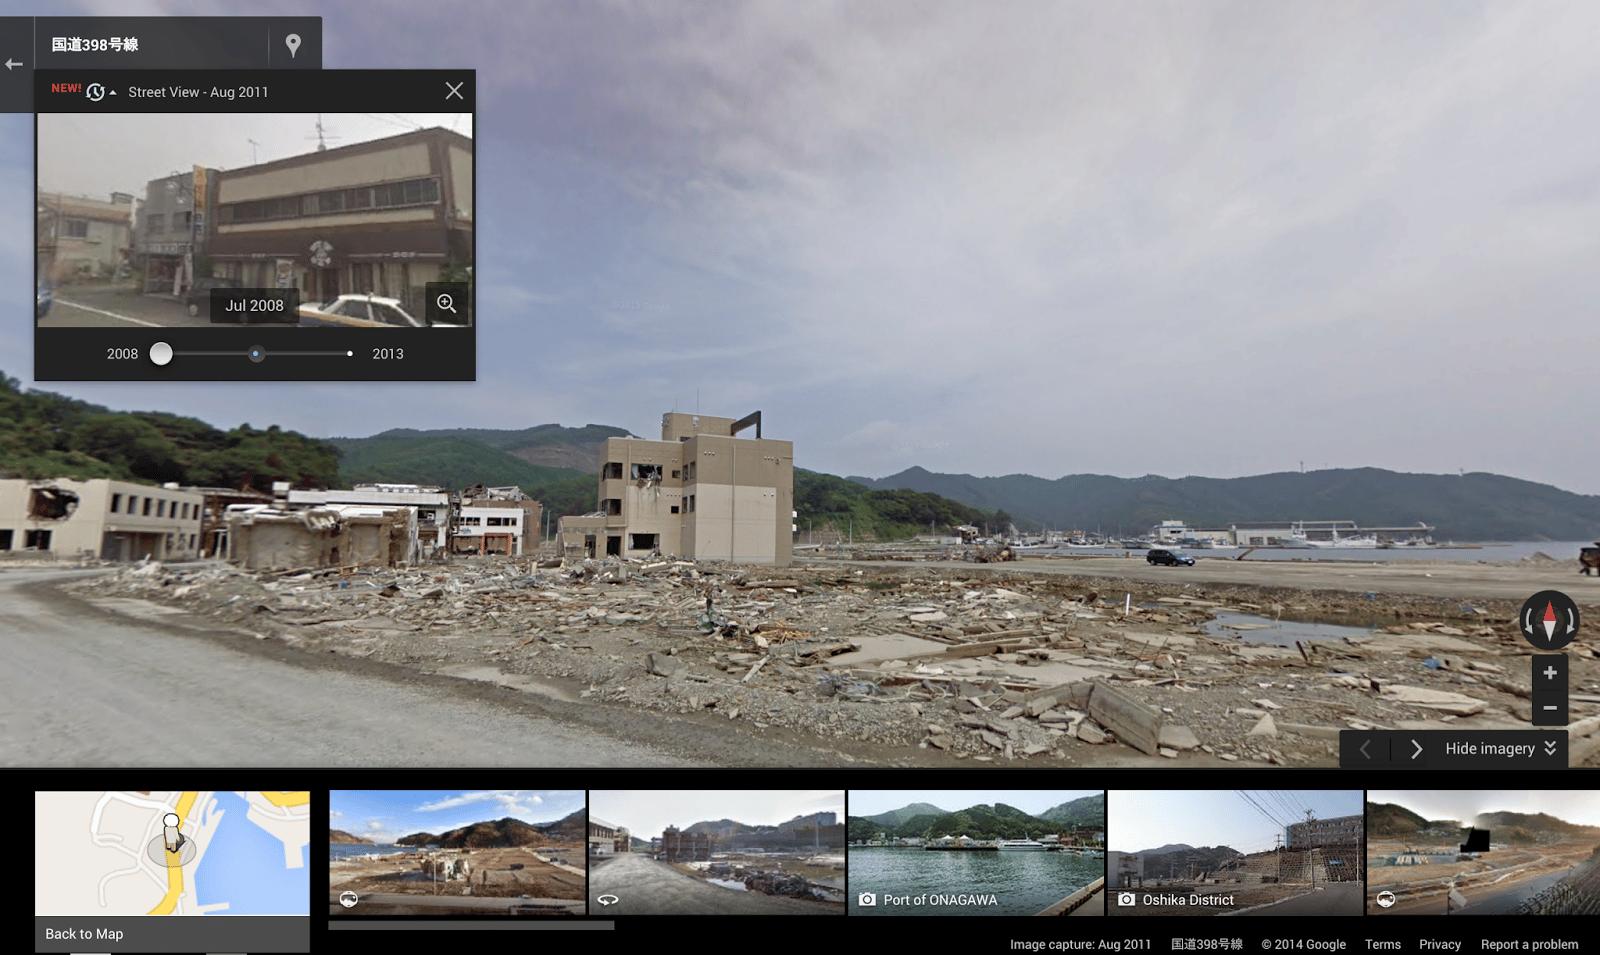 Desde ahora Street View permitirá comparar el estado de ciudades y lugares en los últimos 7 años.